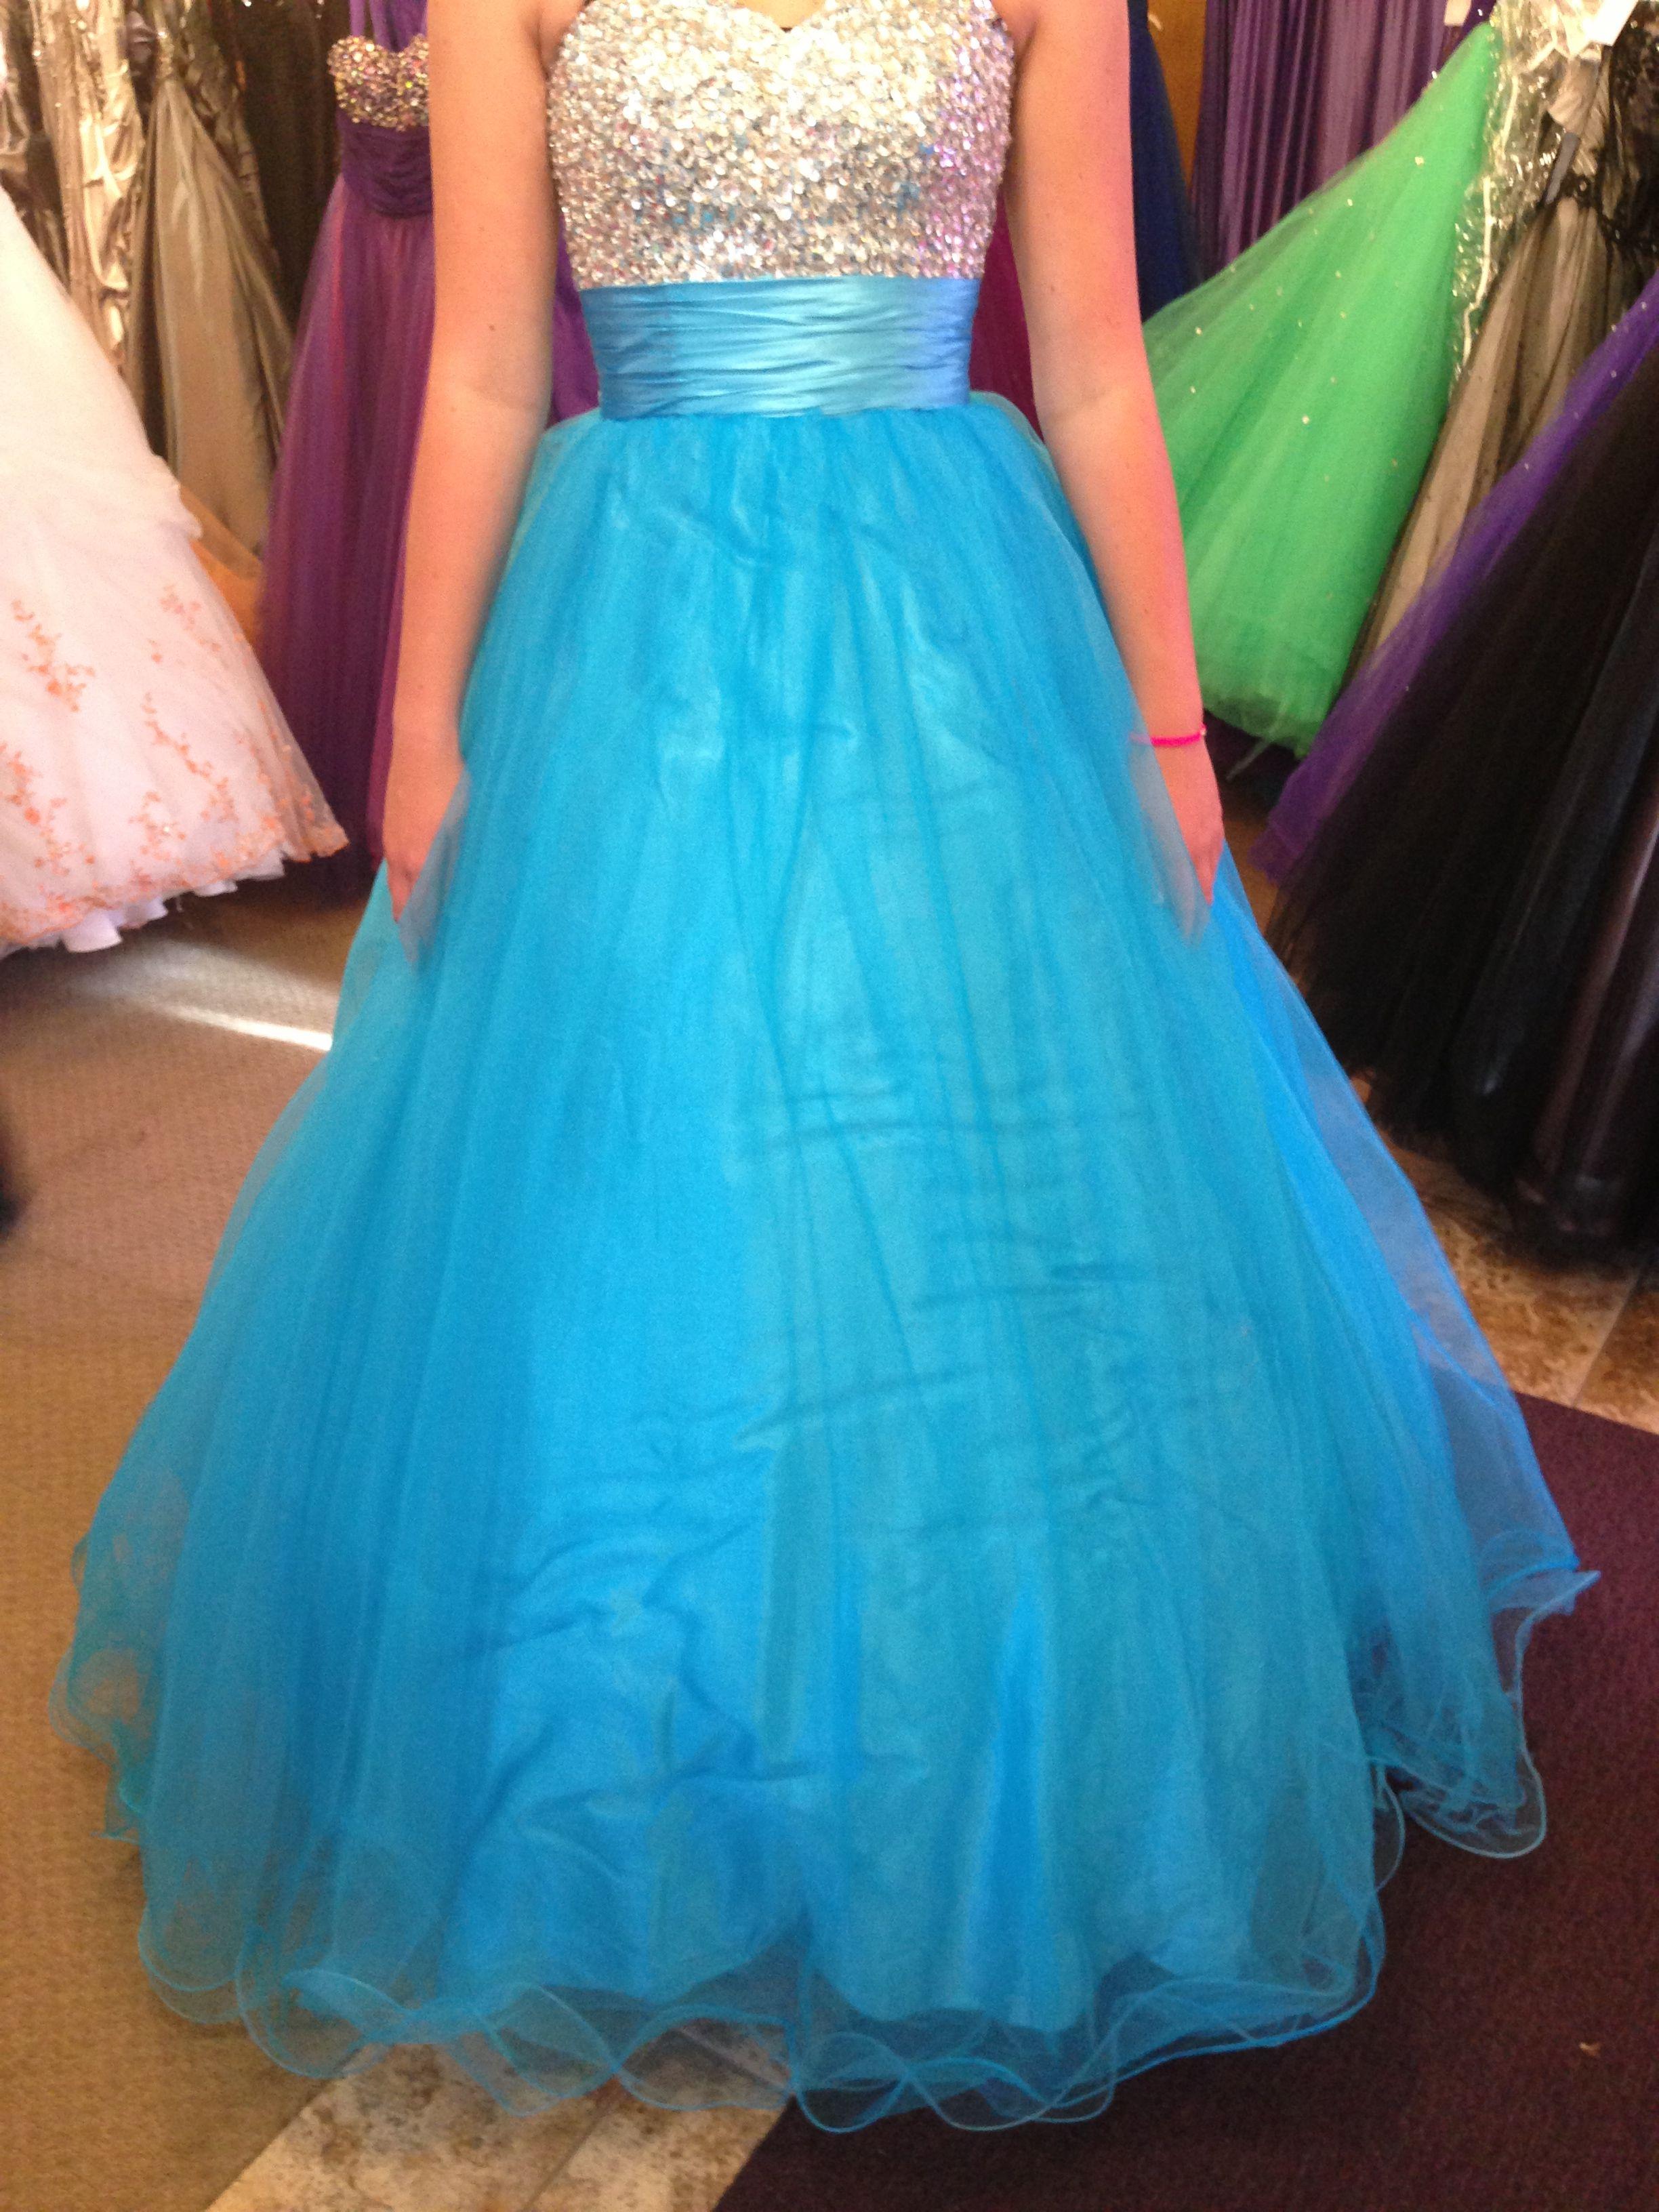 Pin By Katie Mazzei On Bling It On Dress Rentals Prom Dress Rental Prom Dresses Prom